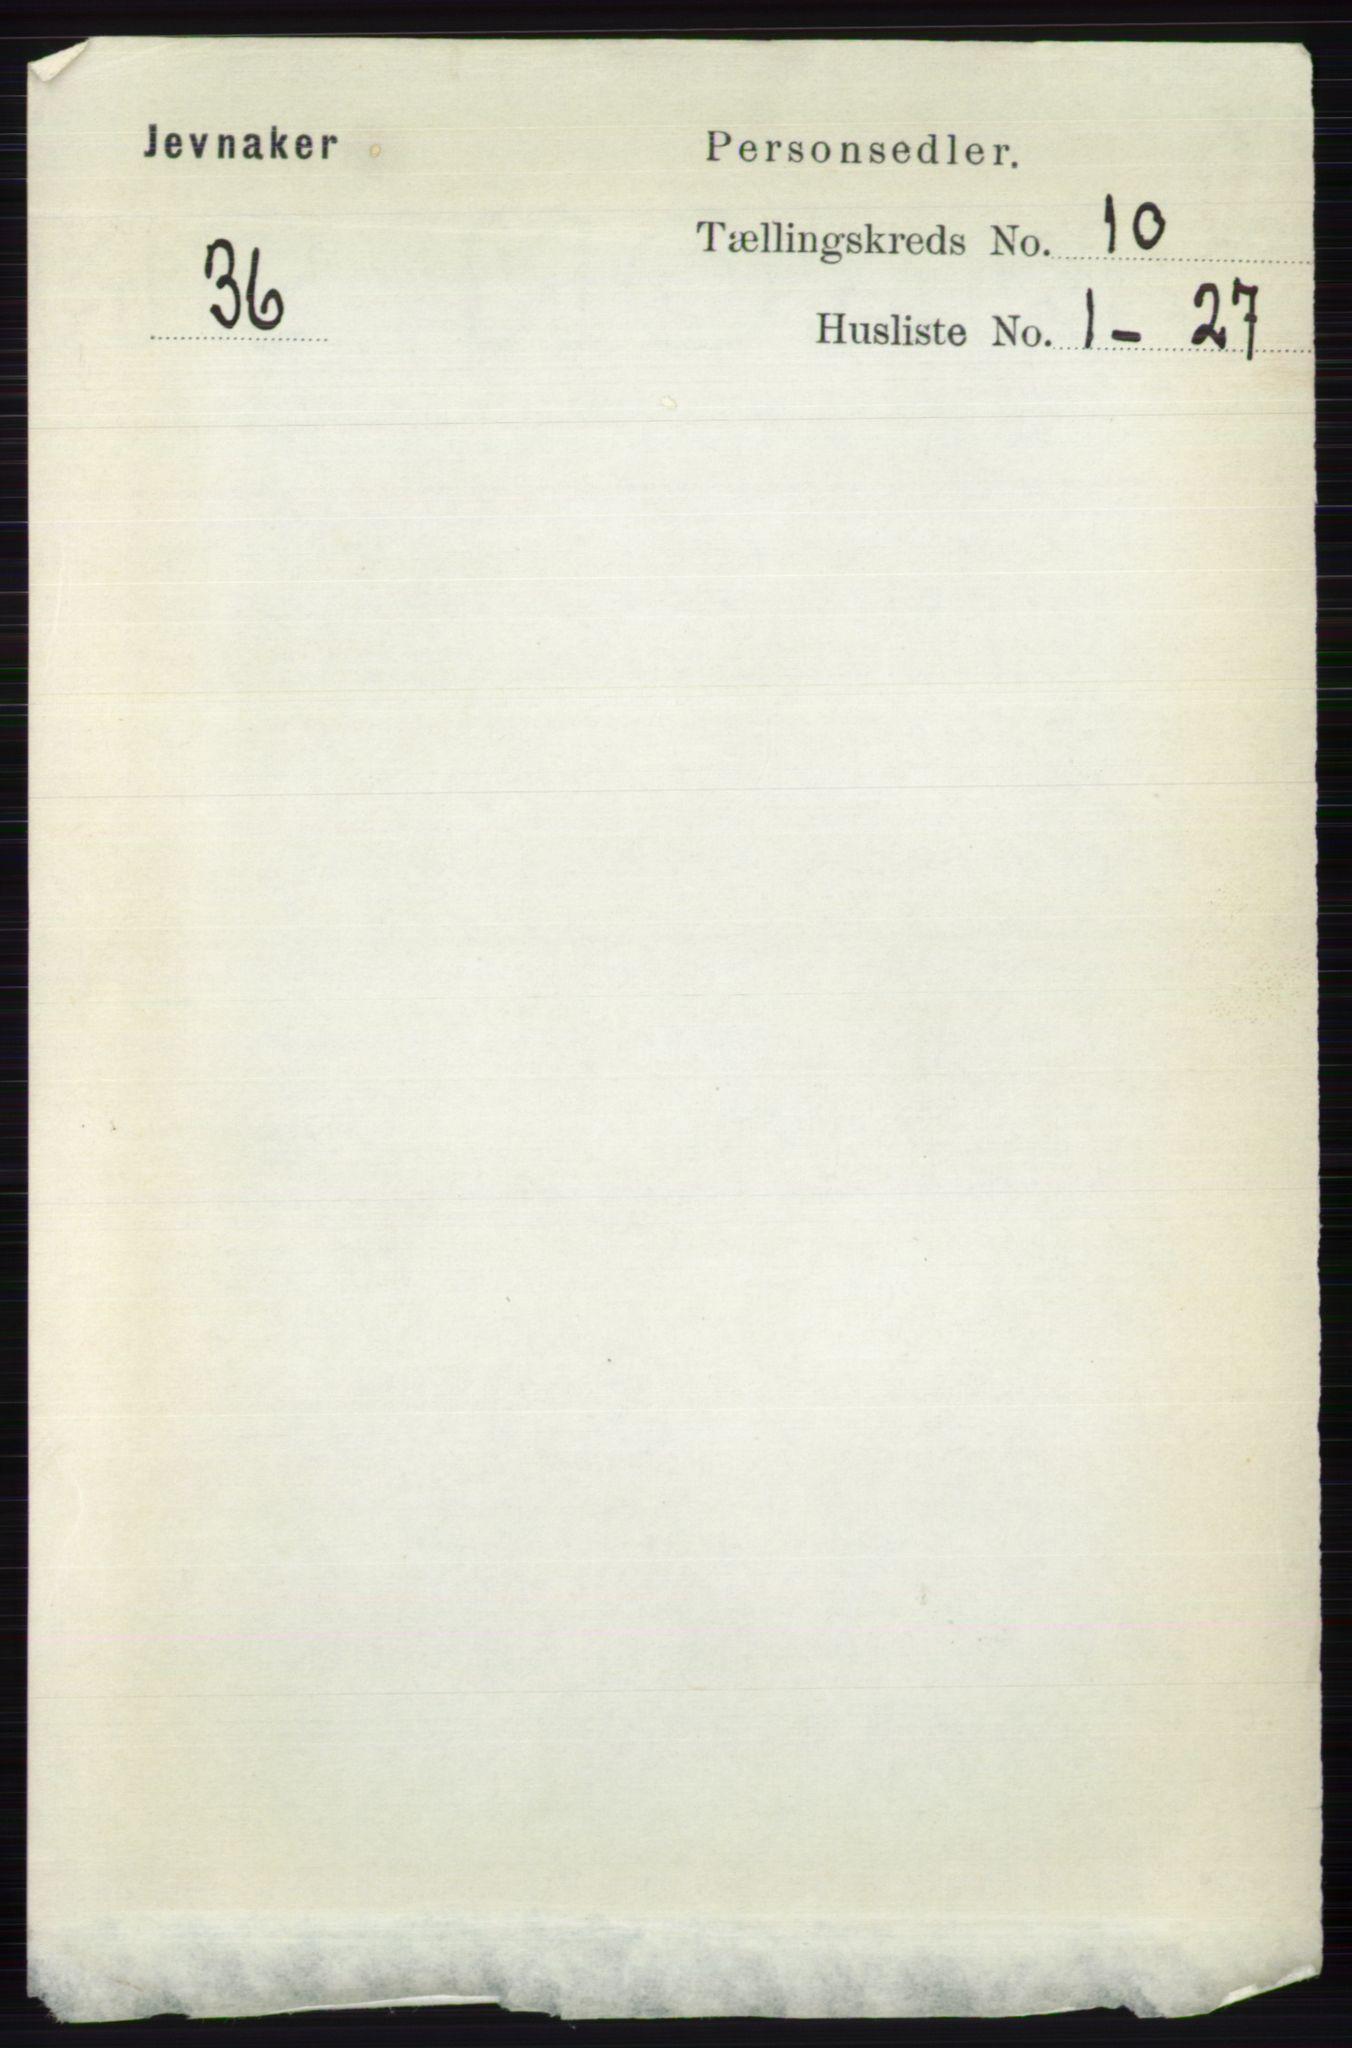 RA, Folketelling 1891 for 0532 Jevnaker herred, 1891, s. 5515